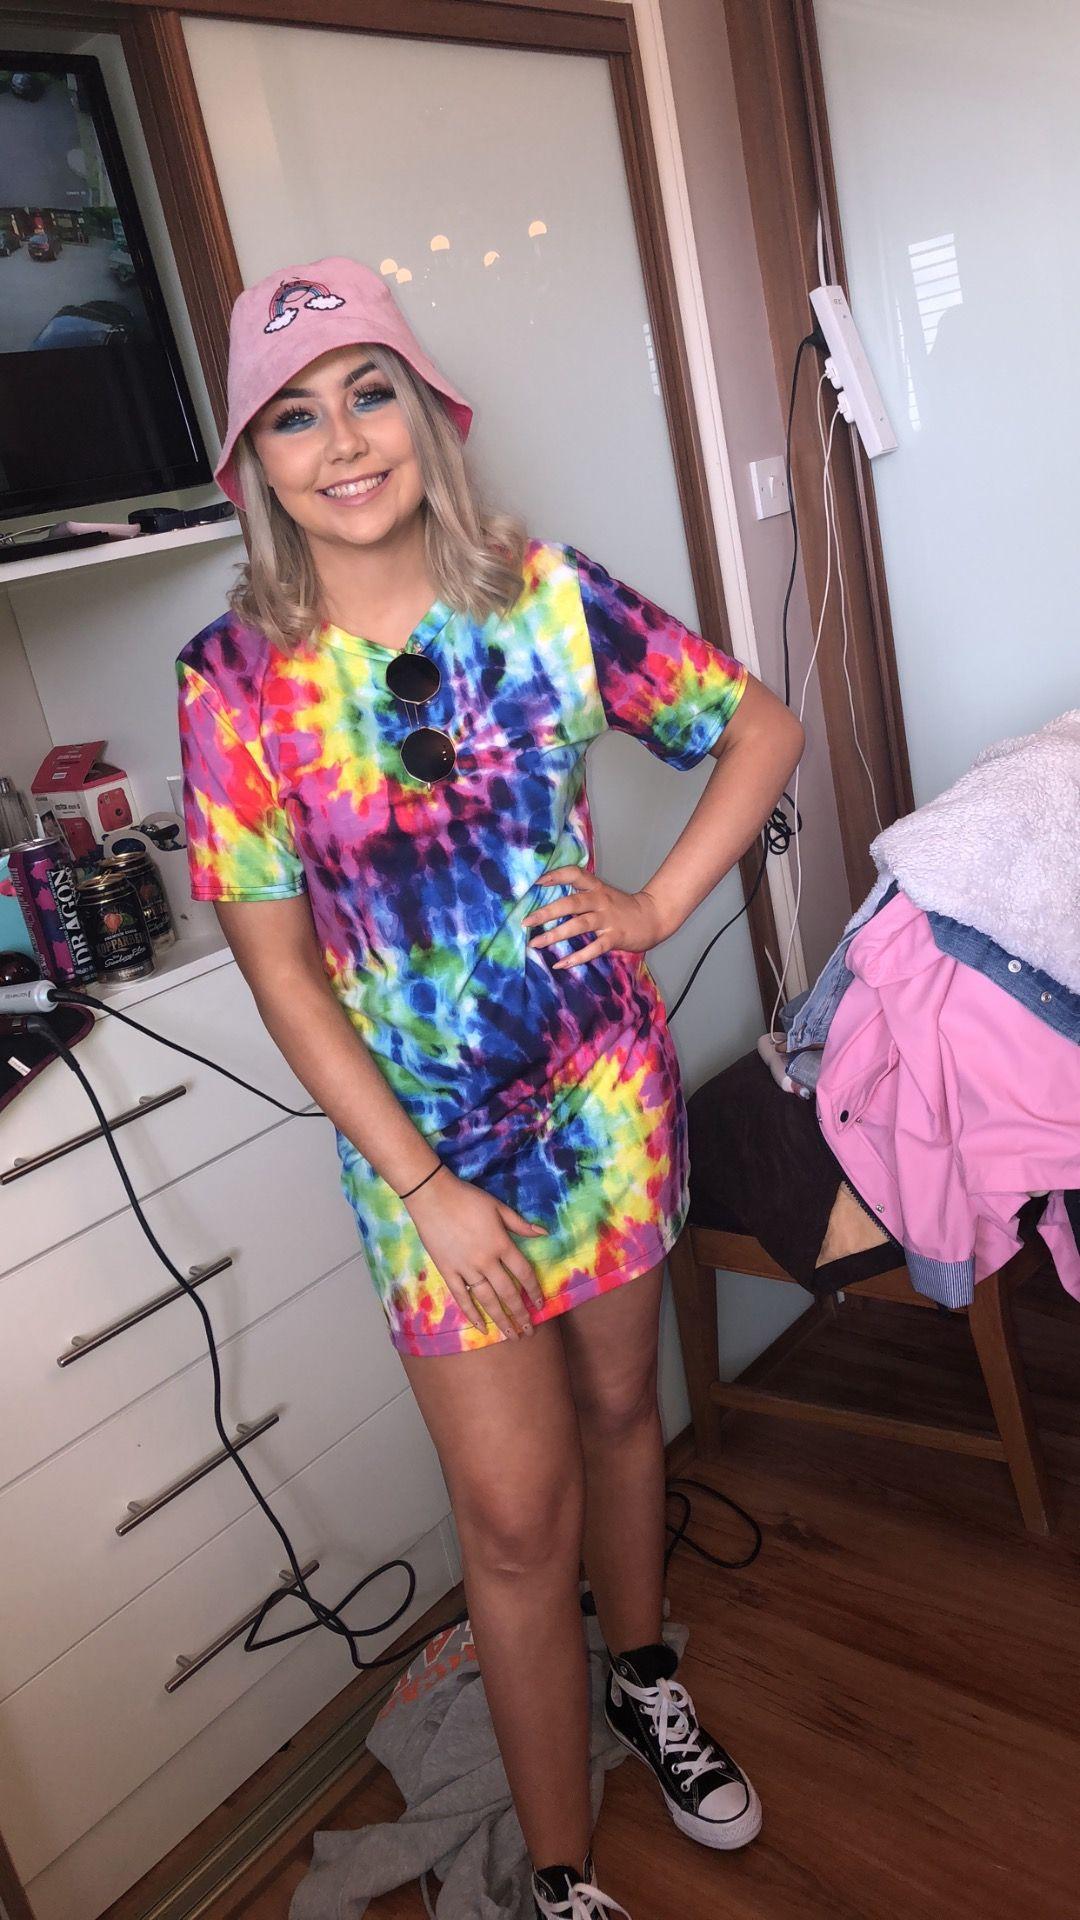 Festival Outfit Tie Dye Dress Bucket Hat Outfits With Hats Festival Outfit Rave Outfits